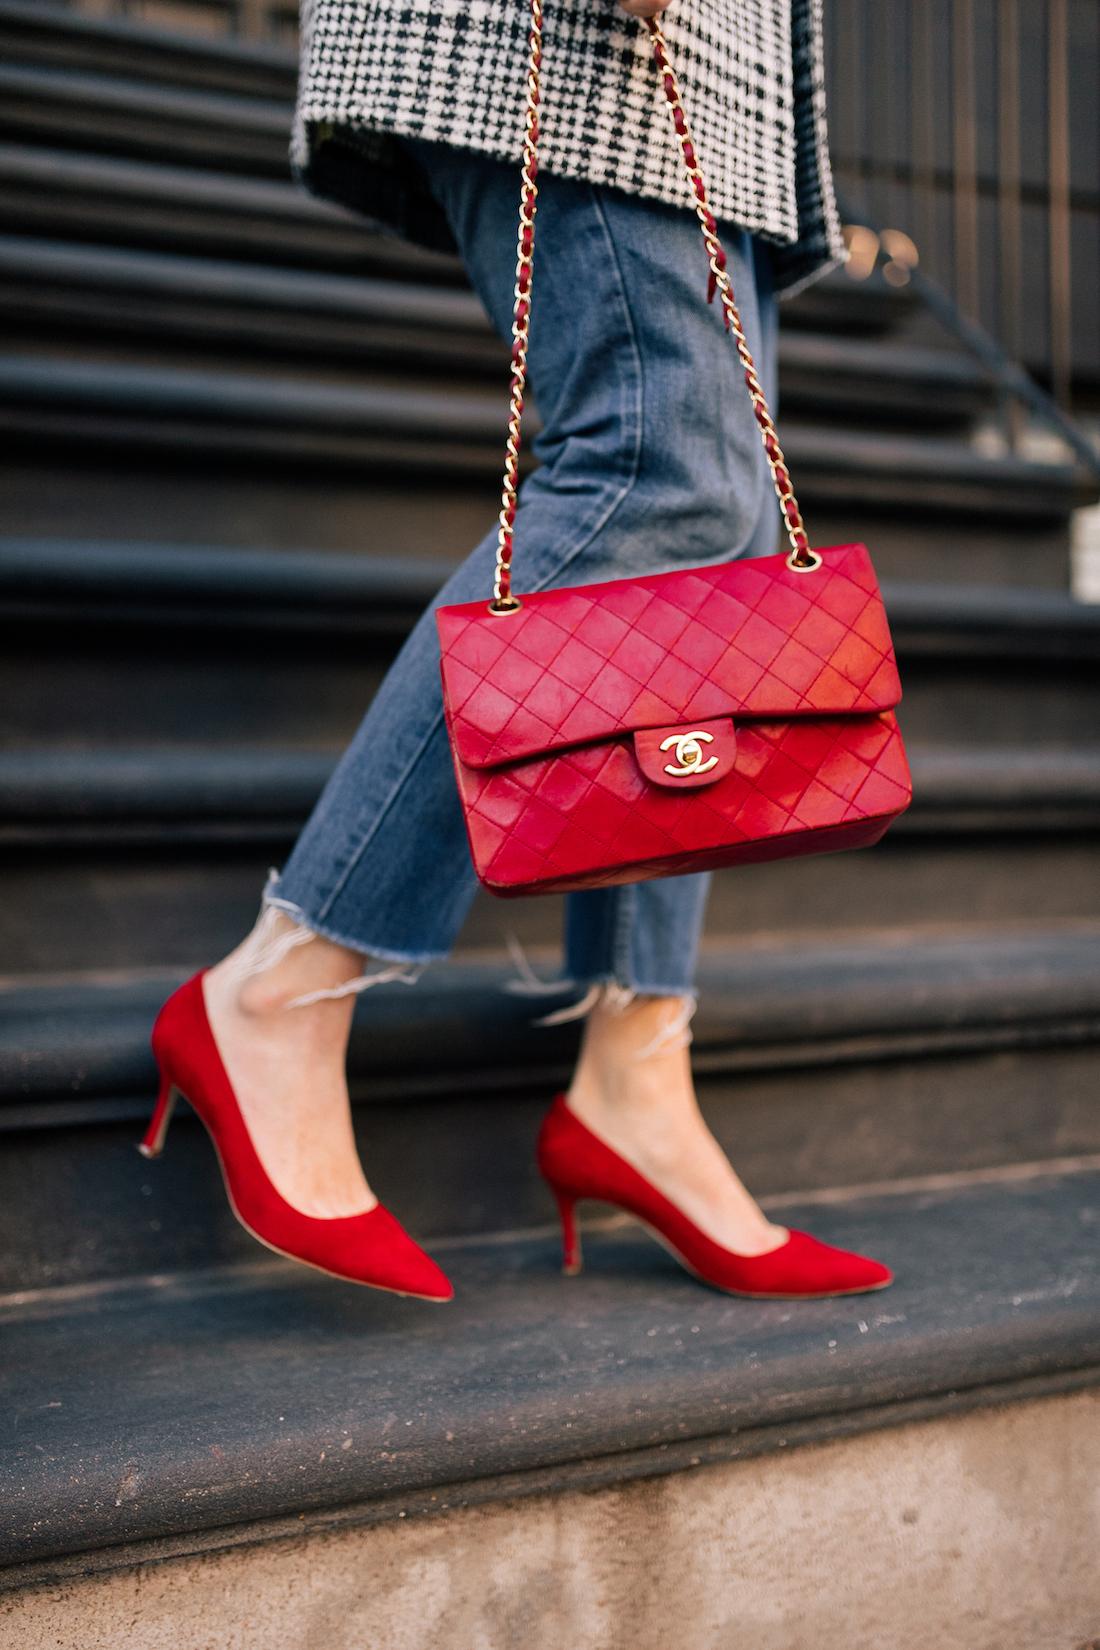 Outfit Details: Re/Done Denim // Manolo Blahnik Pumps // Vintage Chanel Purse